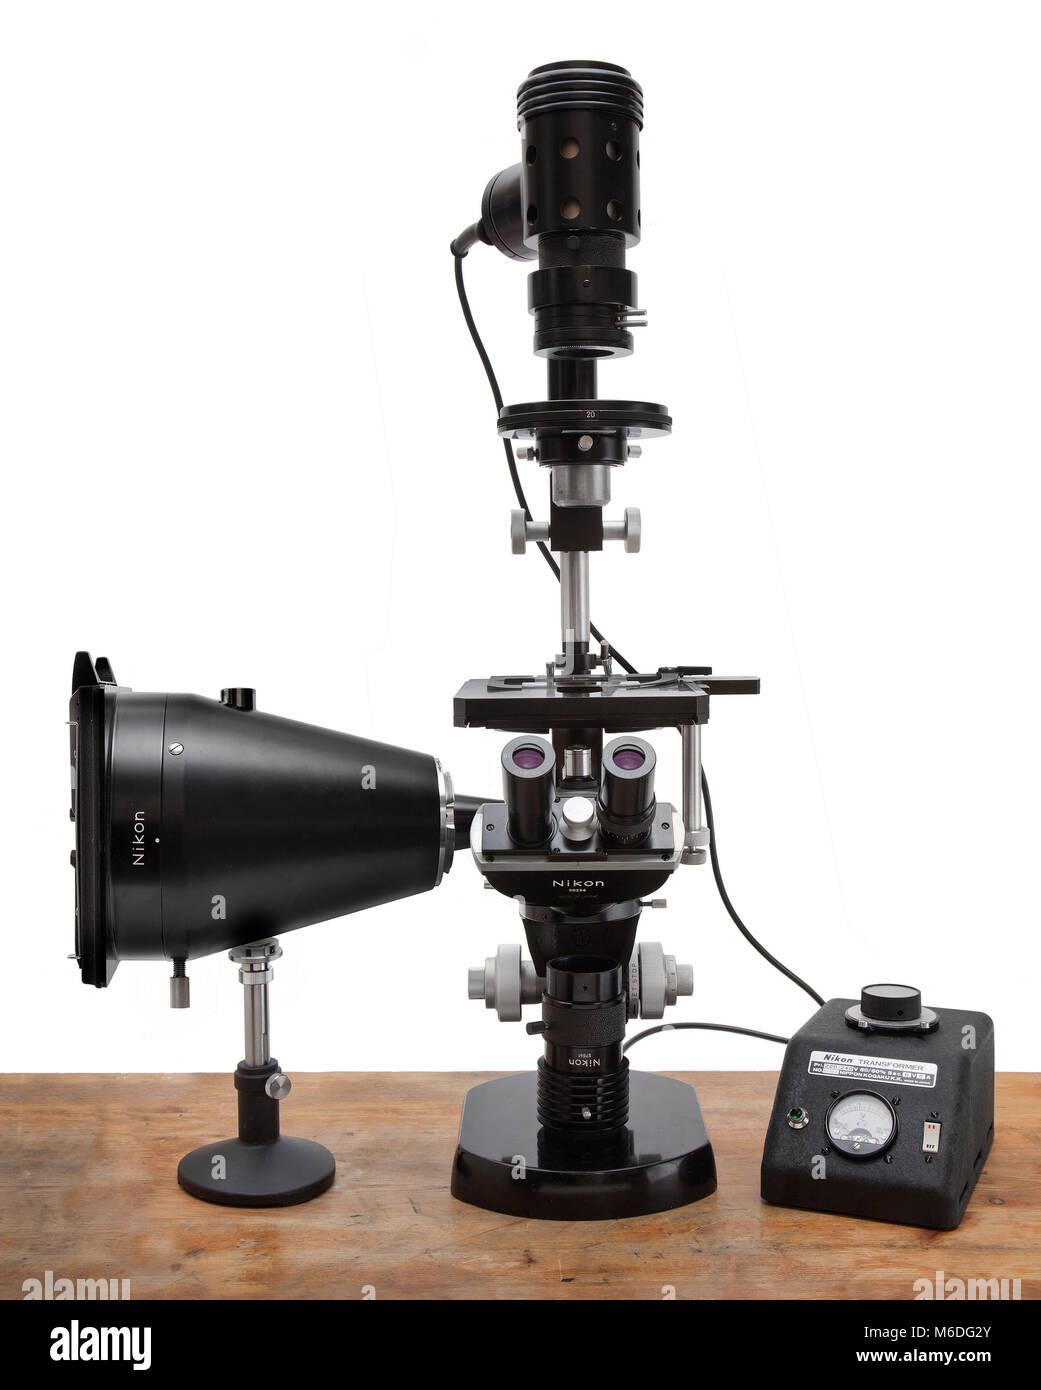 Vintage Nikon microscopio composto tipo Kt Kohler base di illuminazione Immagini Stock